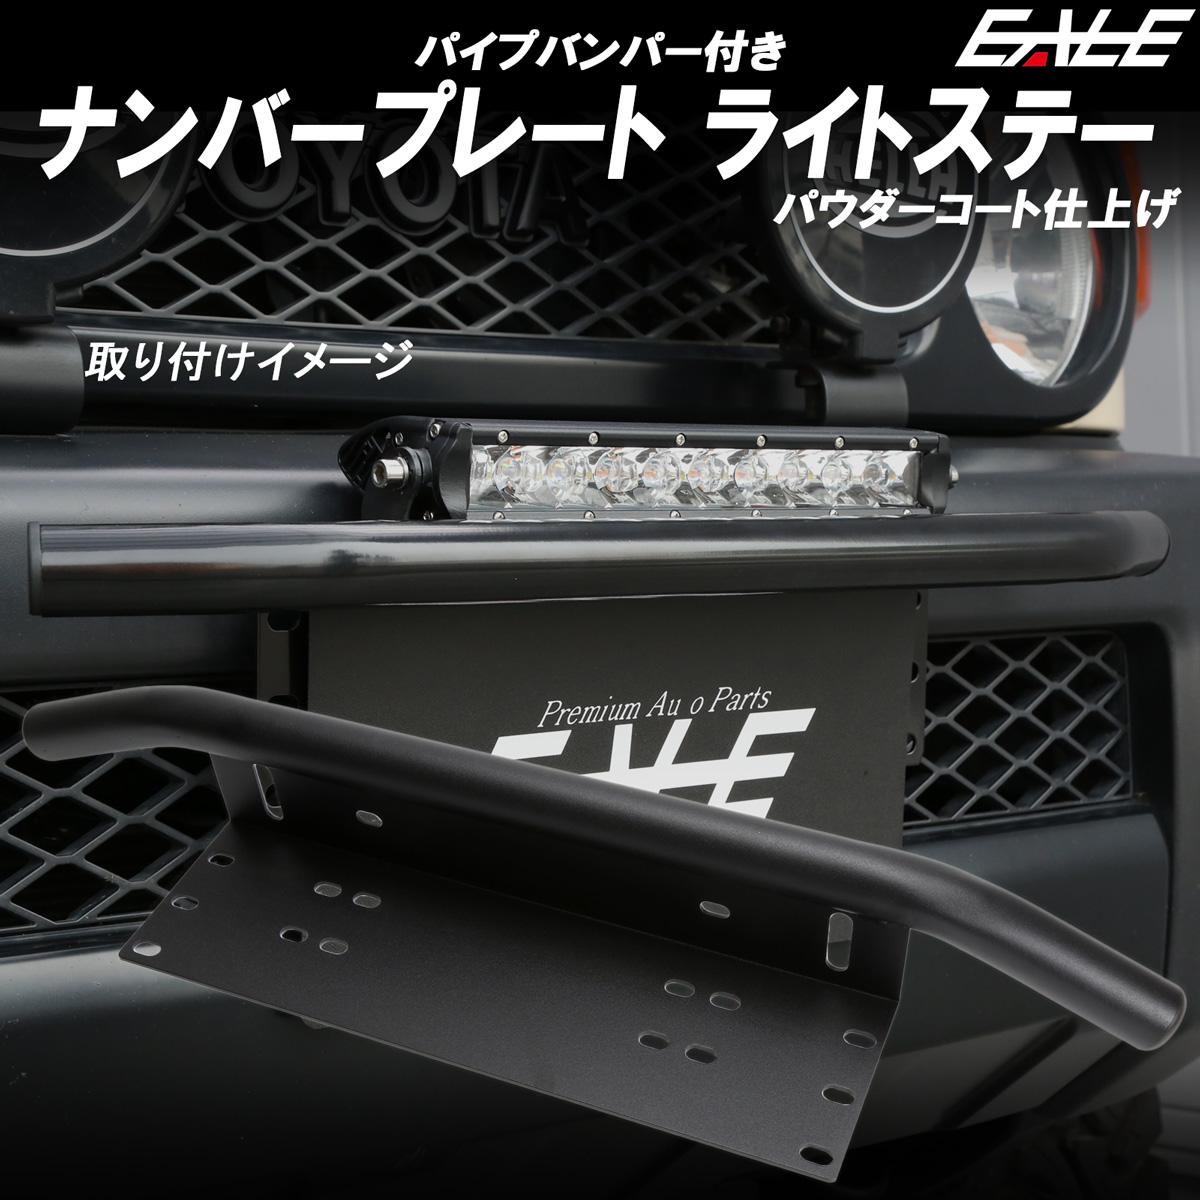 ナンバープレート ライト ステー パイプバンパー付き フォグライト 作業灯 ライトバー等の取り付け用 ブラケット V-34